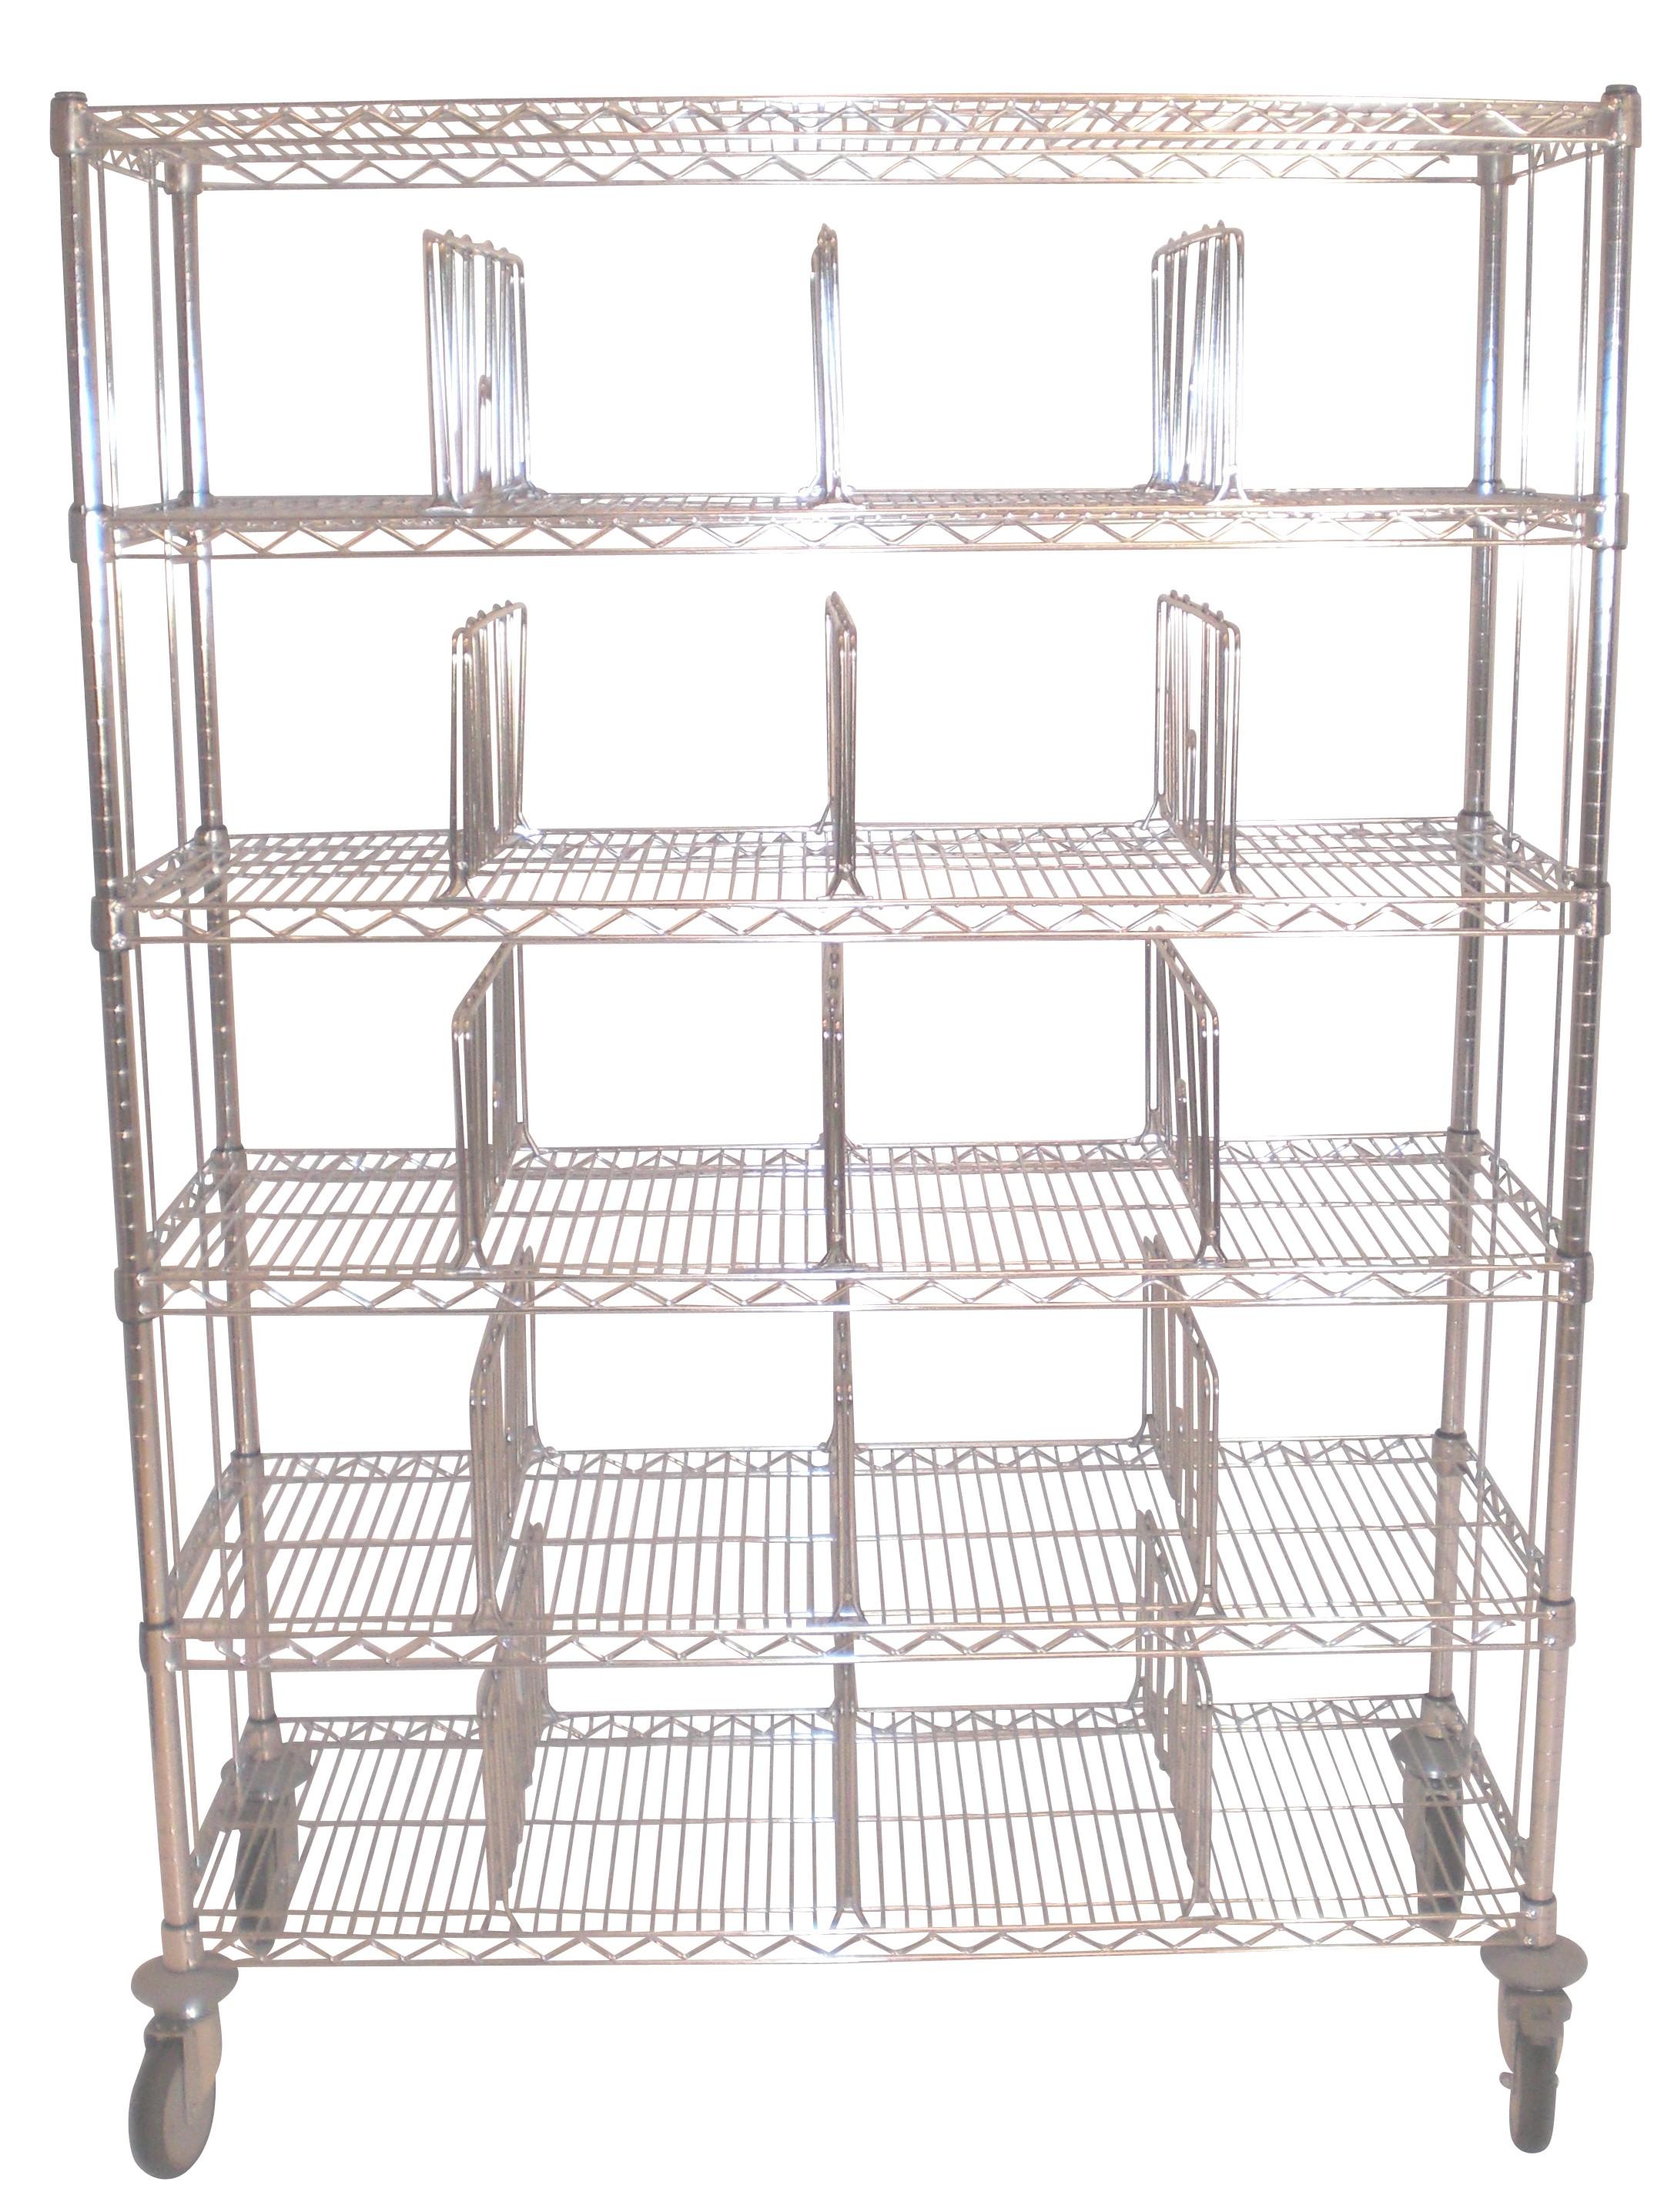 CHARIOT CASIER de base:   - 2 ou 3 côtés en fil chromé   - Séparation amovible ou fixe (au choix)   - Dimensions d